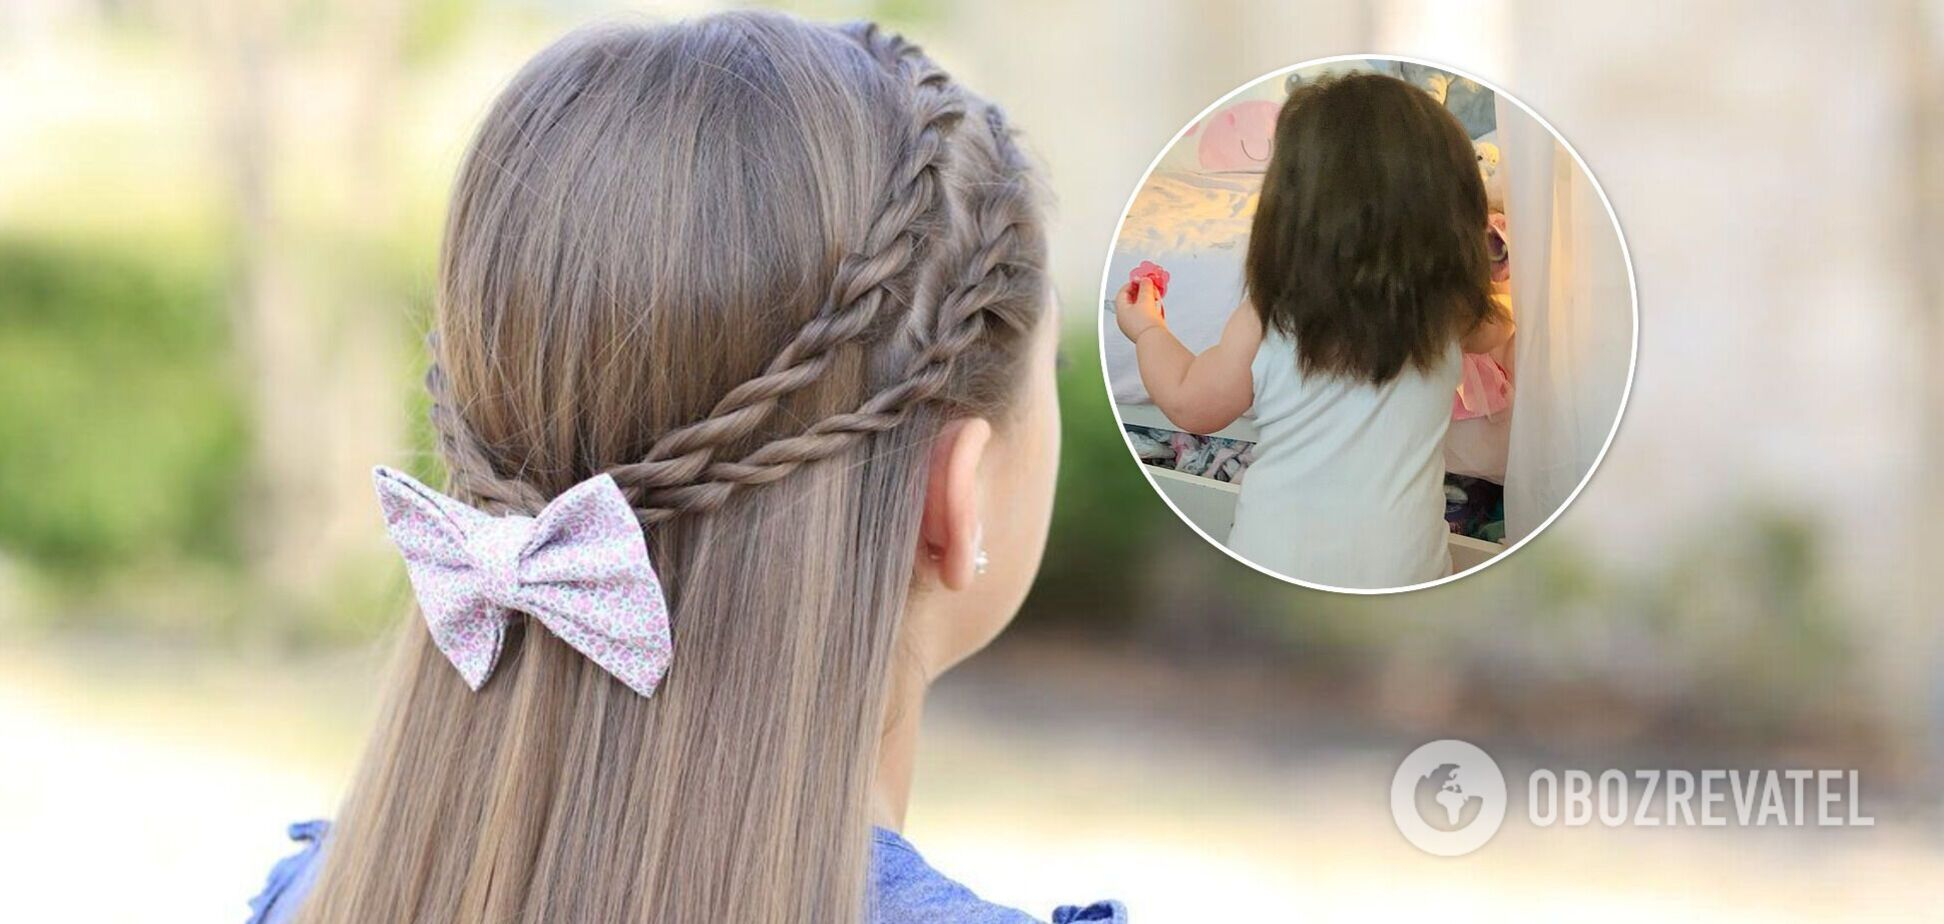 Годовалая девочка стала звездой сети из-за аномально густых и длинных волос. Фото